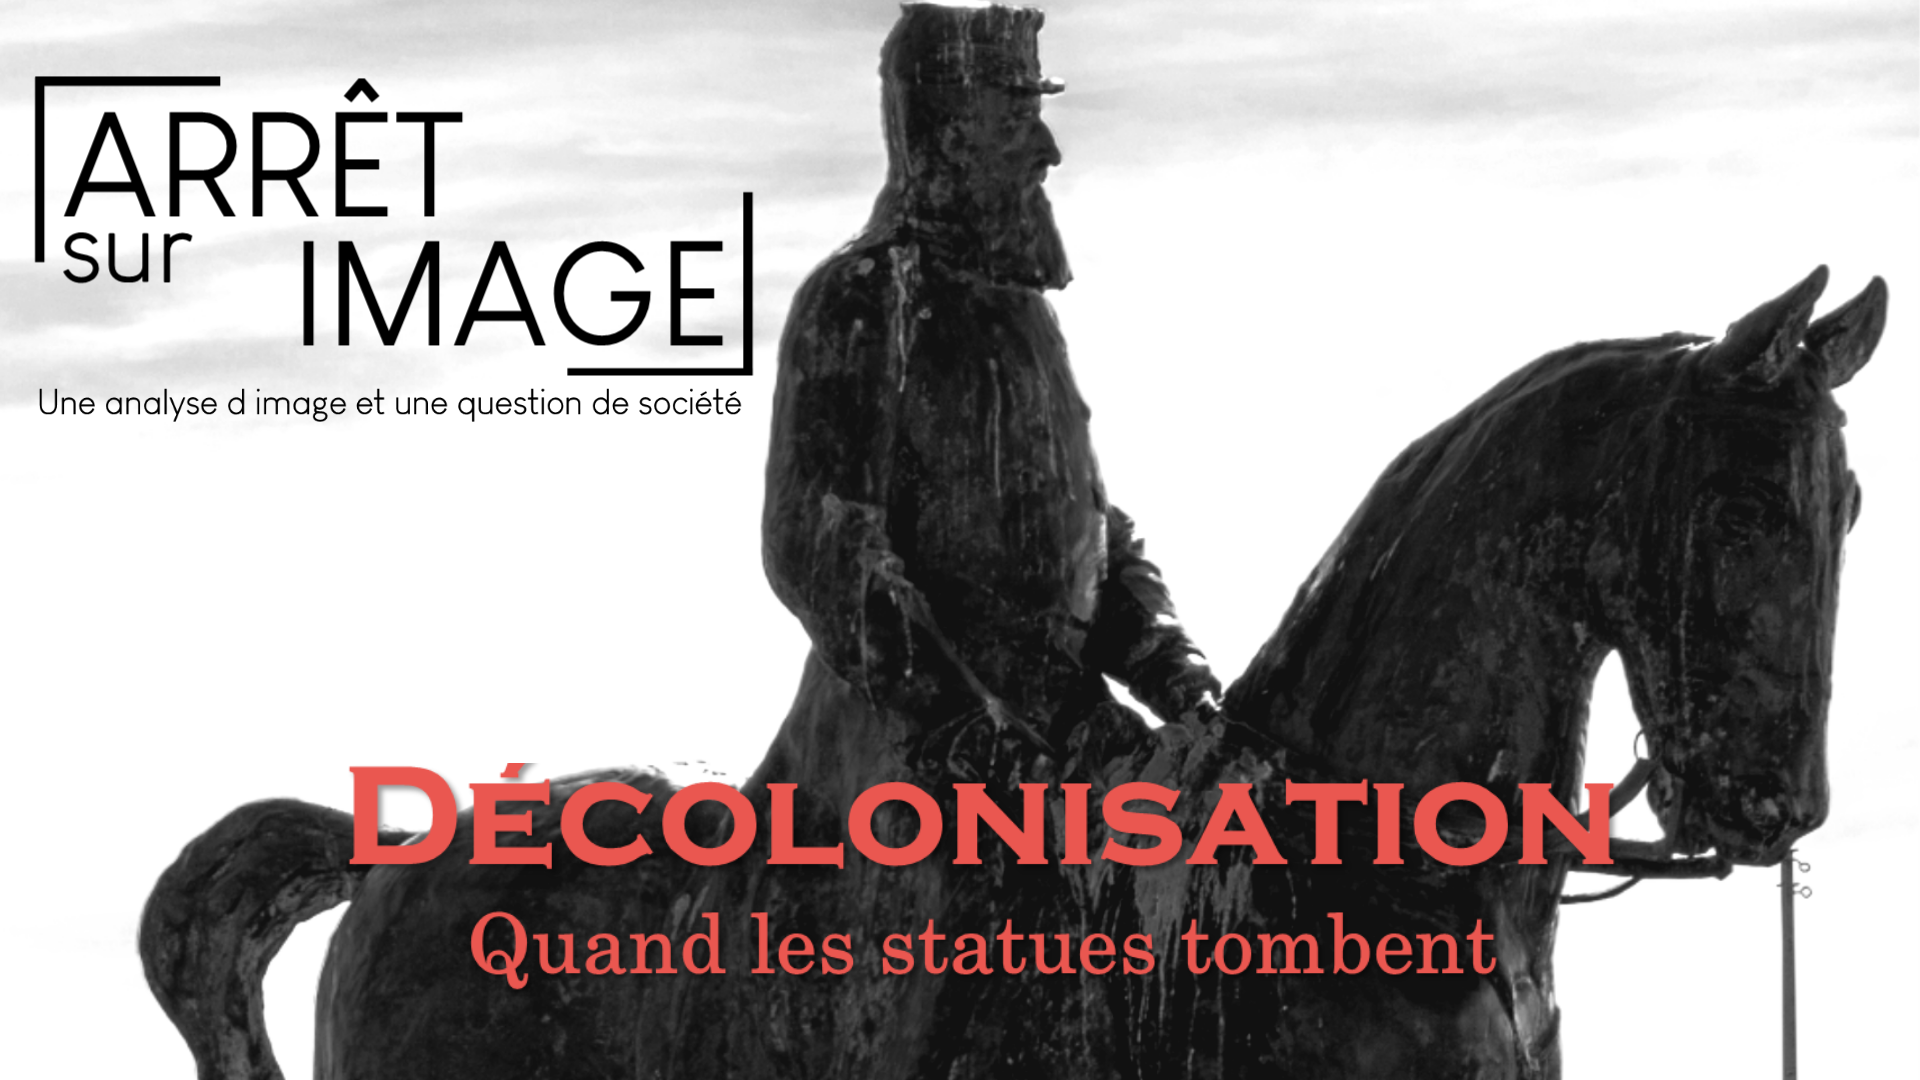 Arret sur image decolonisation